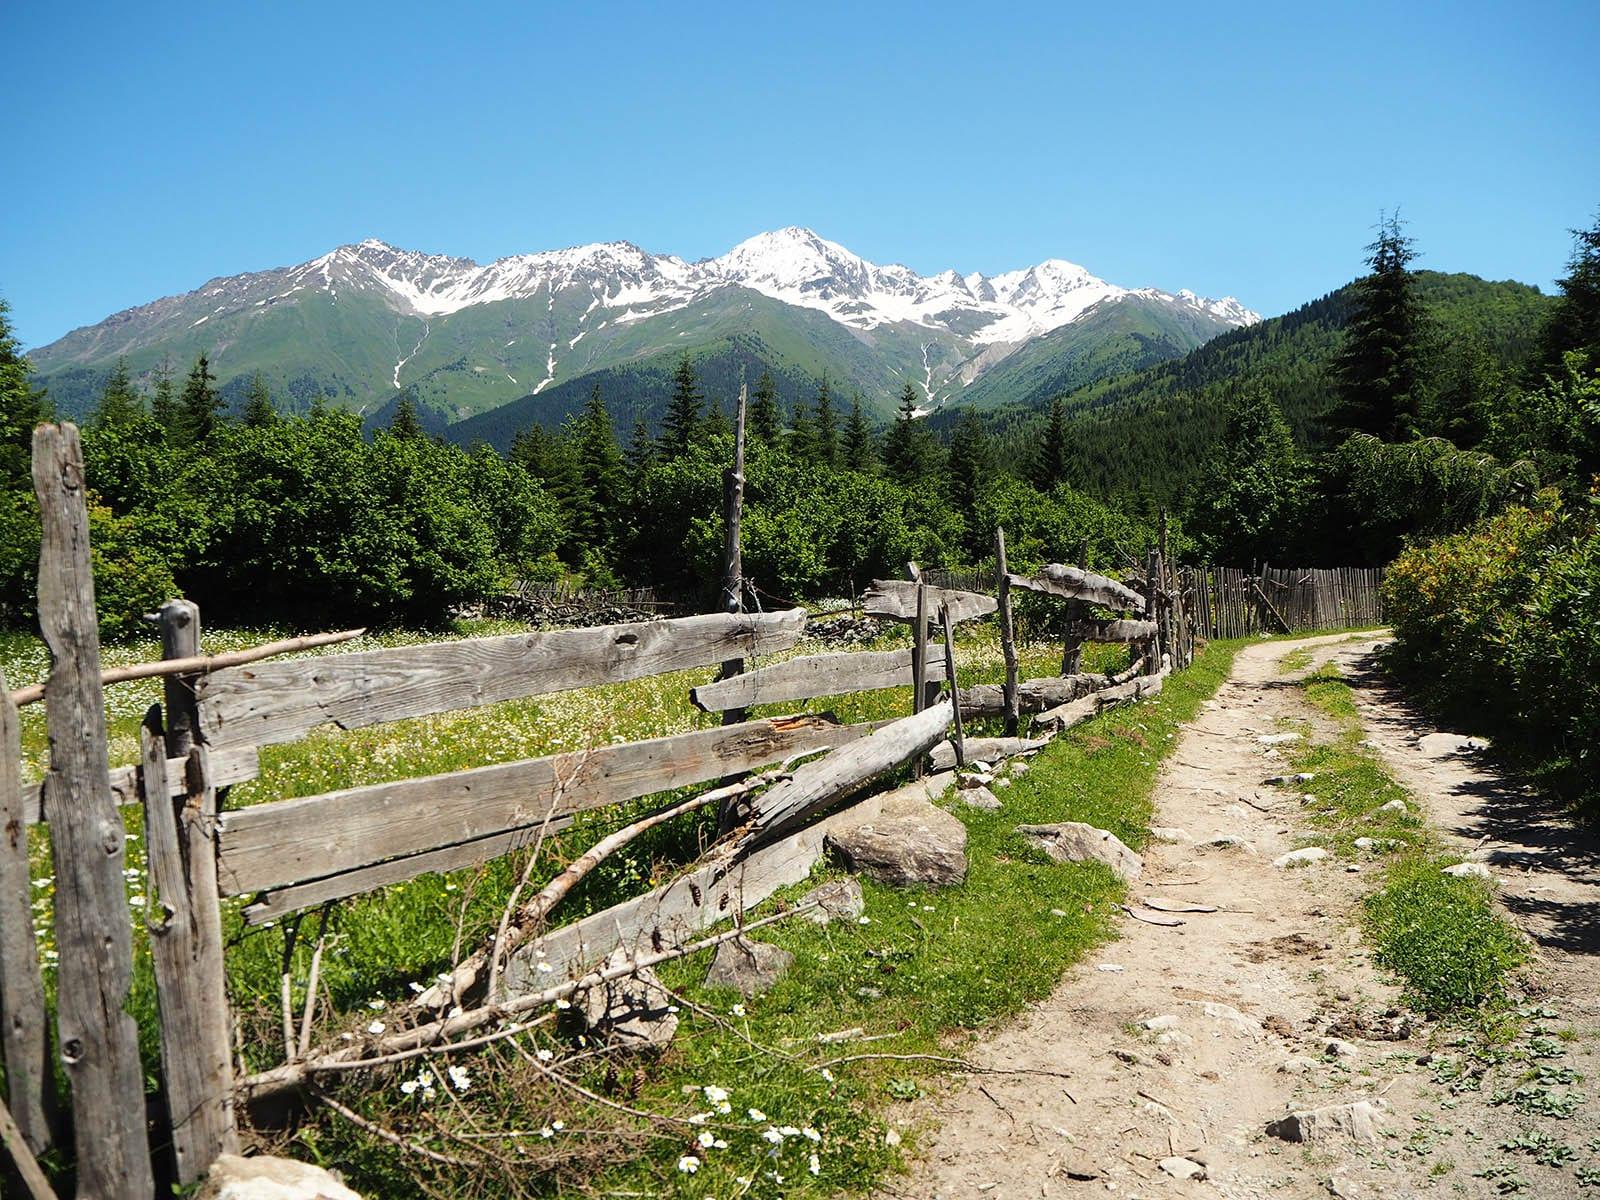 Georgien Urlaub – Tipps & Highlights für eine Rundreise